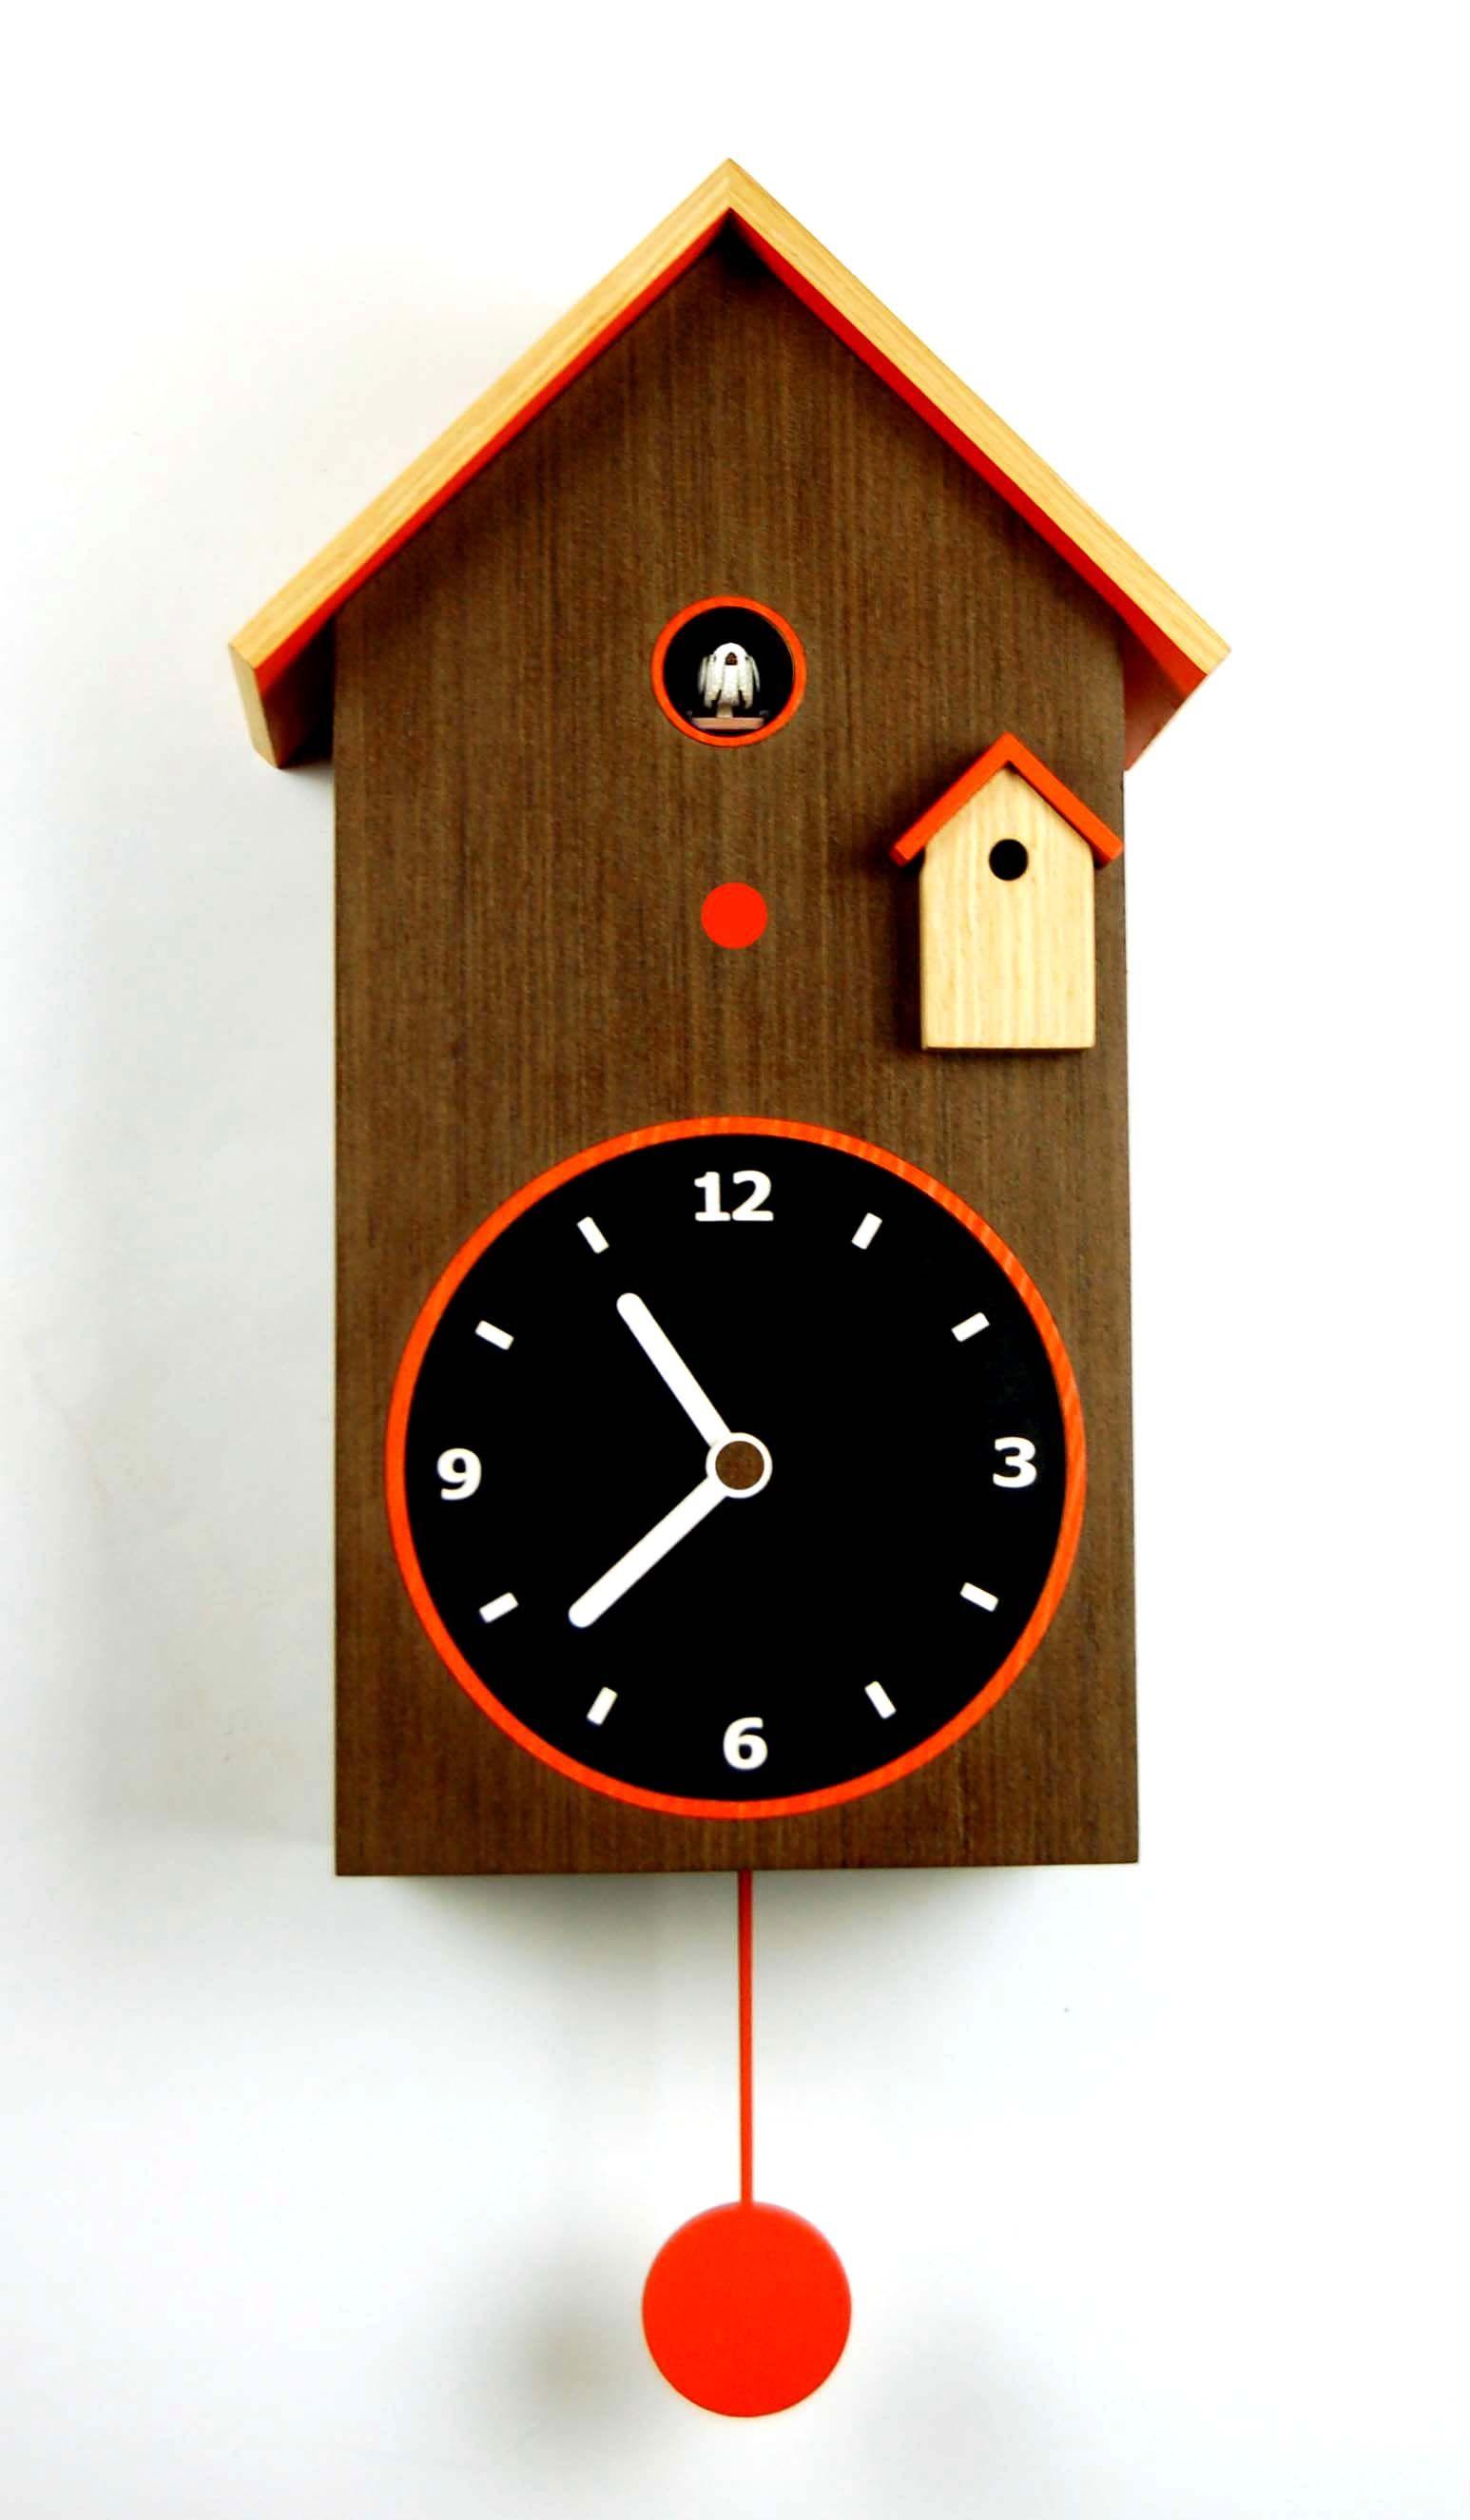 Cuckoo ClockModern Cuckoo ClockWall ClockTable ClockPendulum ClockCuckoo